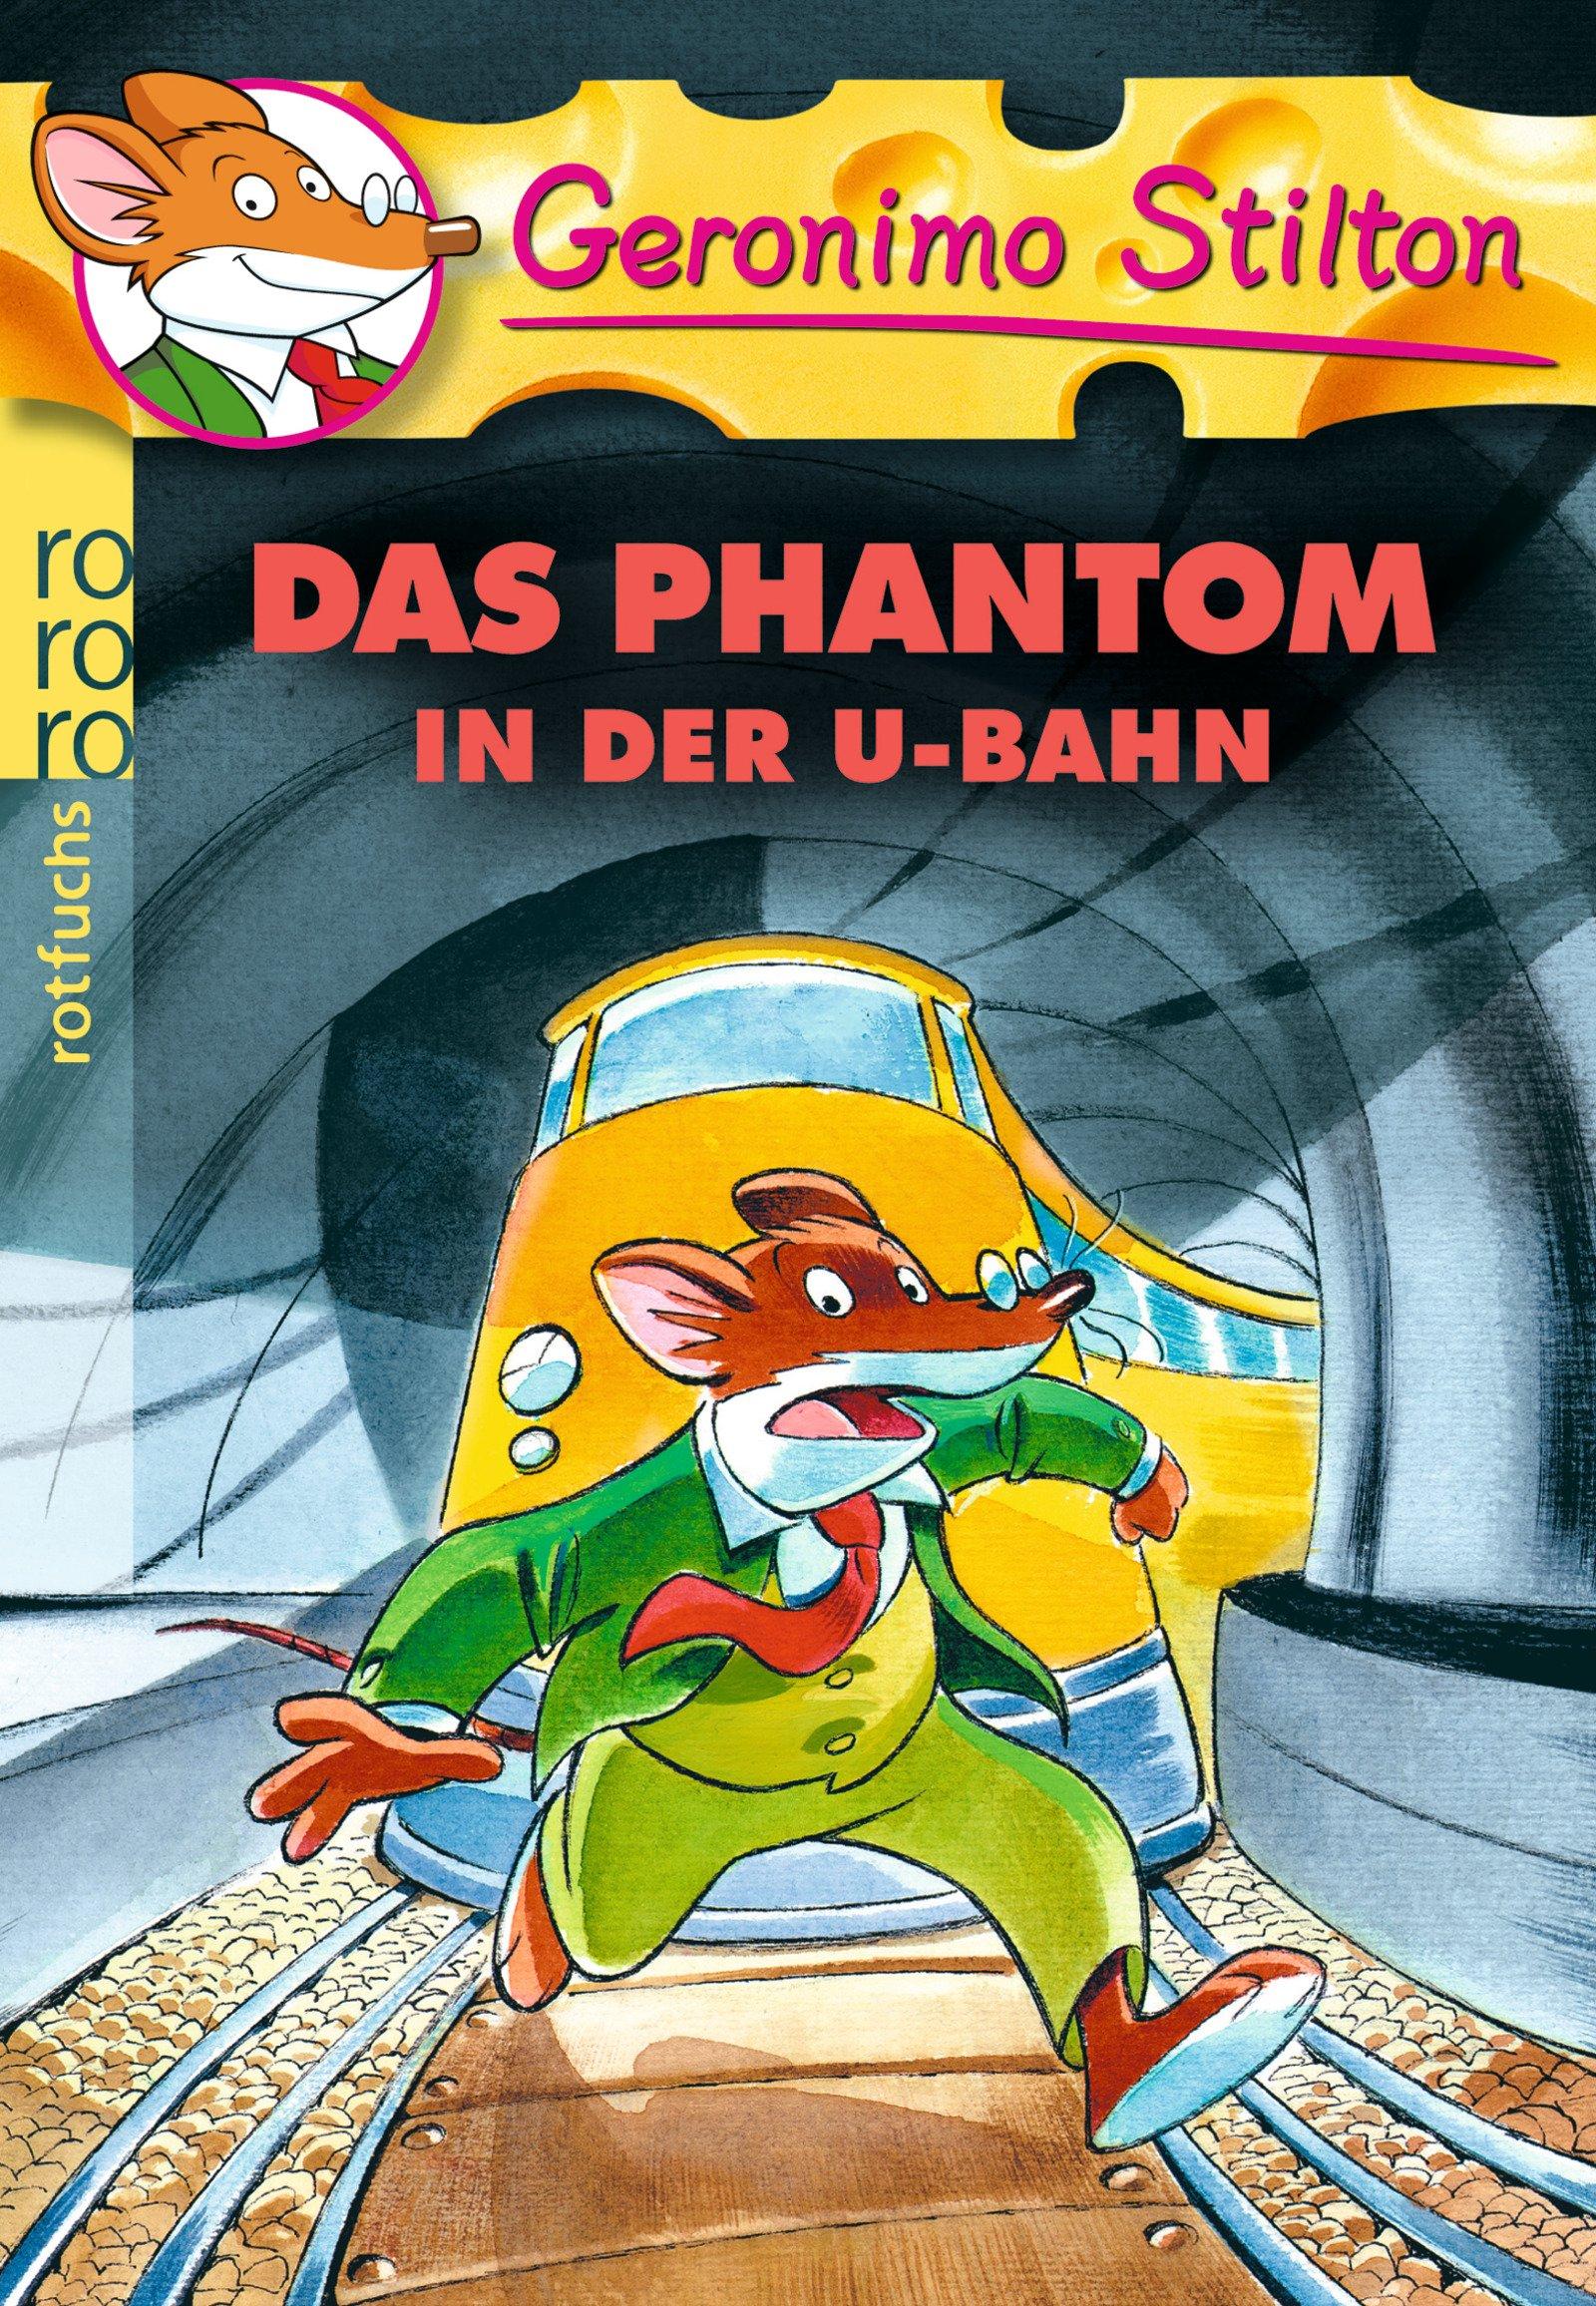 Das Phantom in der U-Bahn (Geronimo Stilton, Band 4)